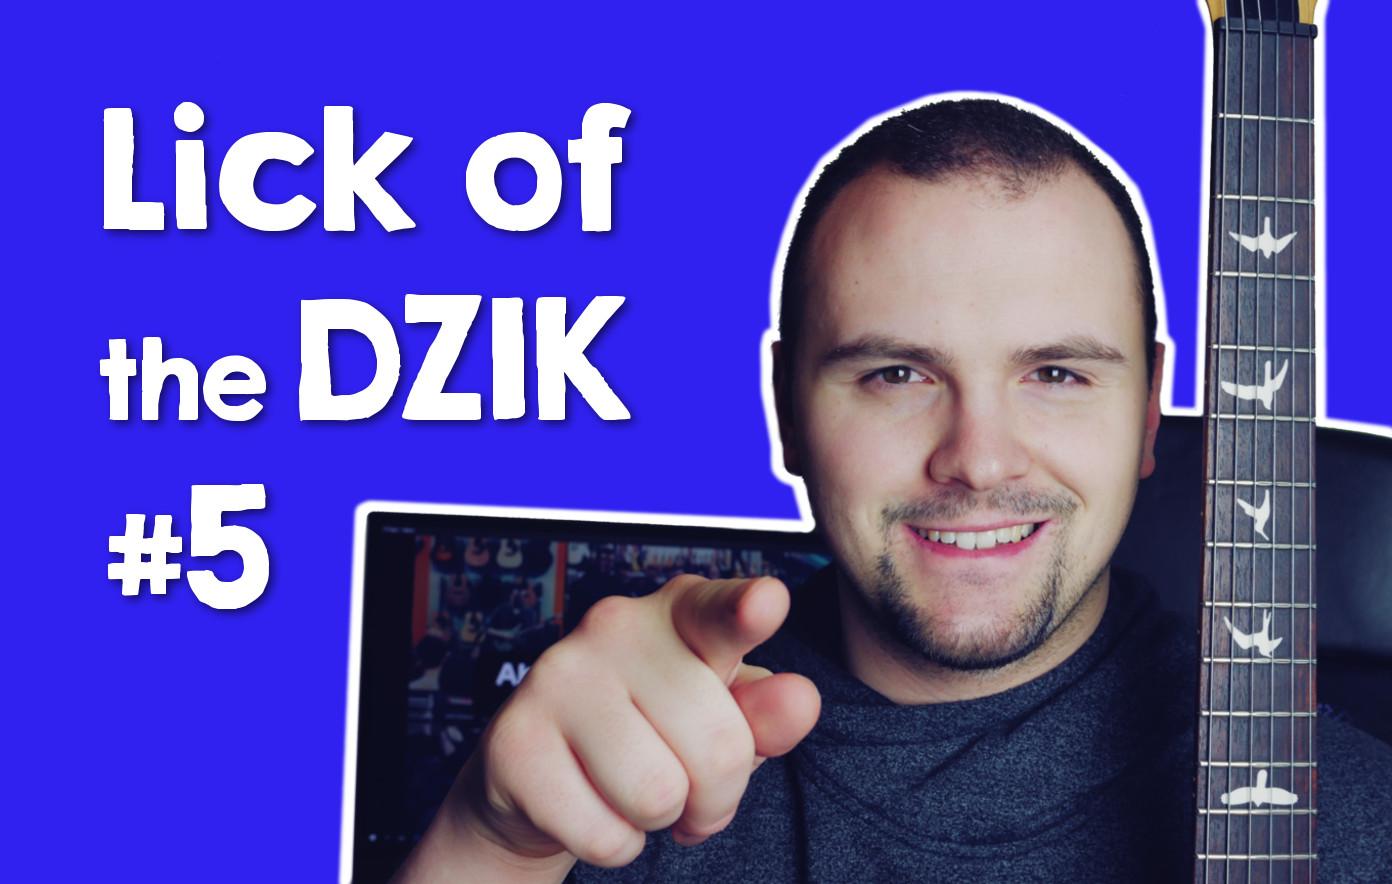 [LEKCJA] Lick of the DZIK #5 – Dźwięki kolorystyczne (Color Tones)